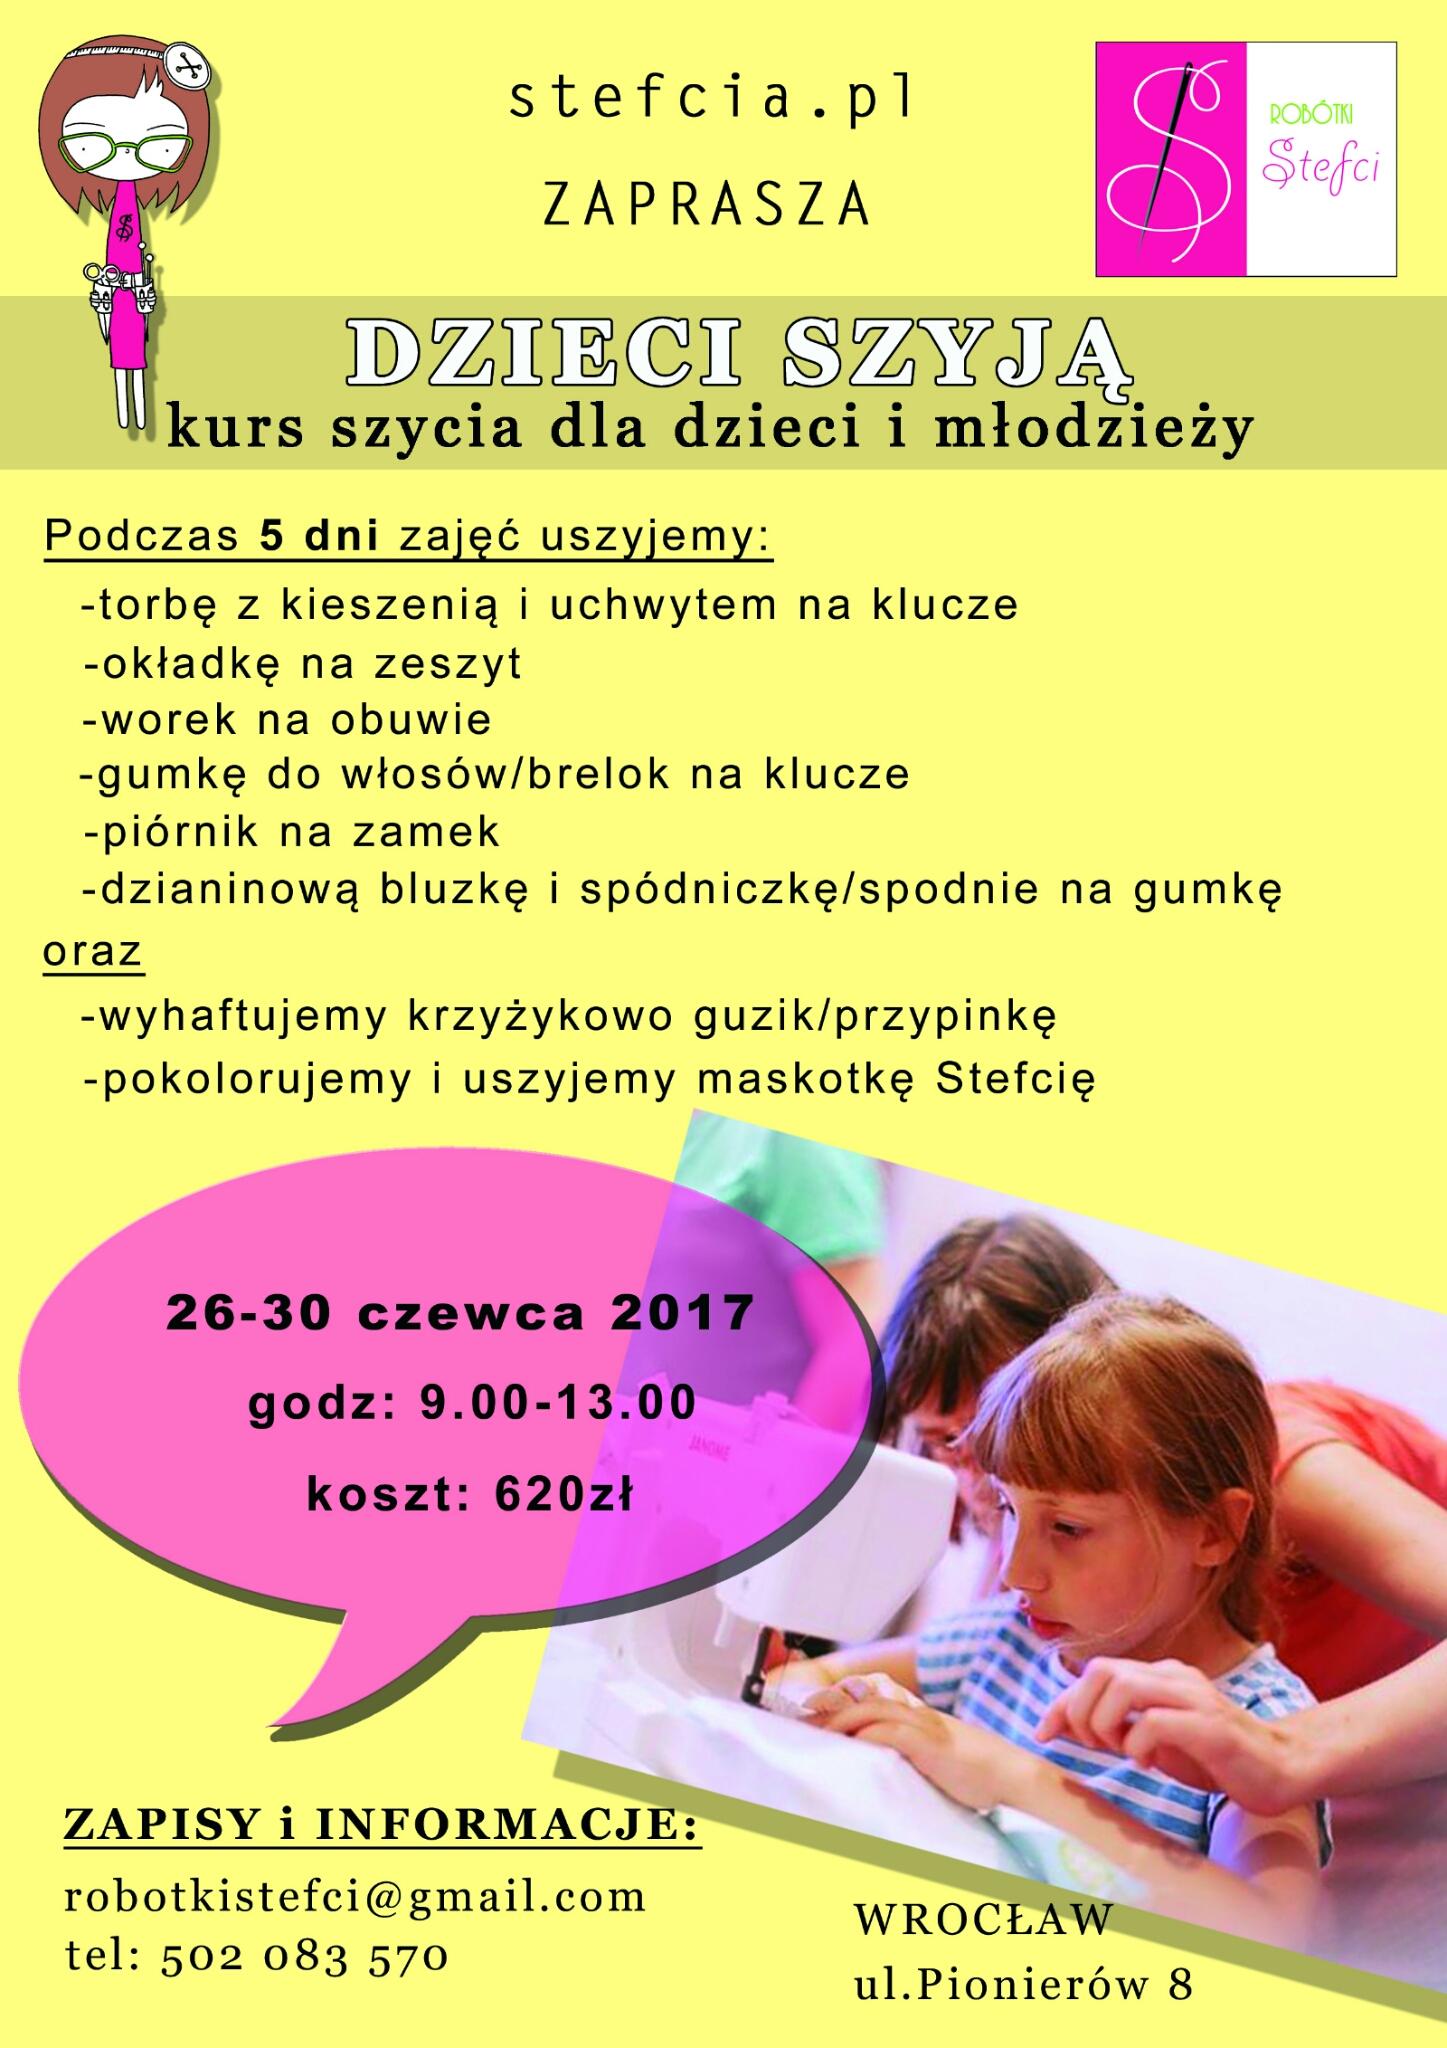 Dzieci szyją